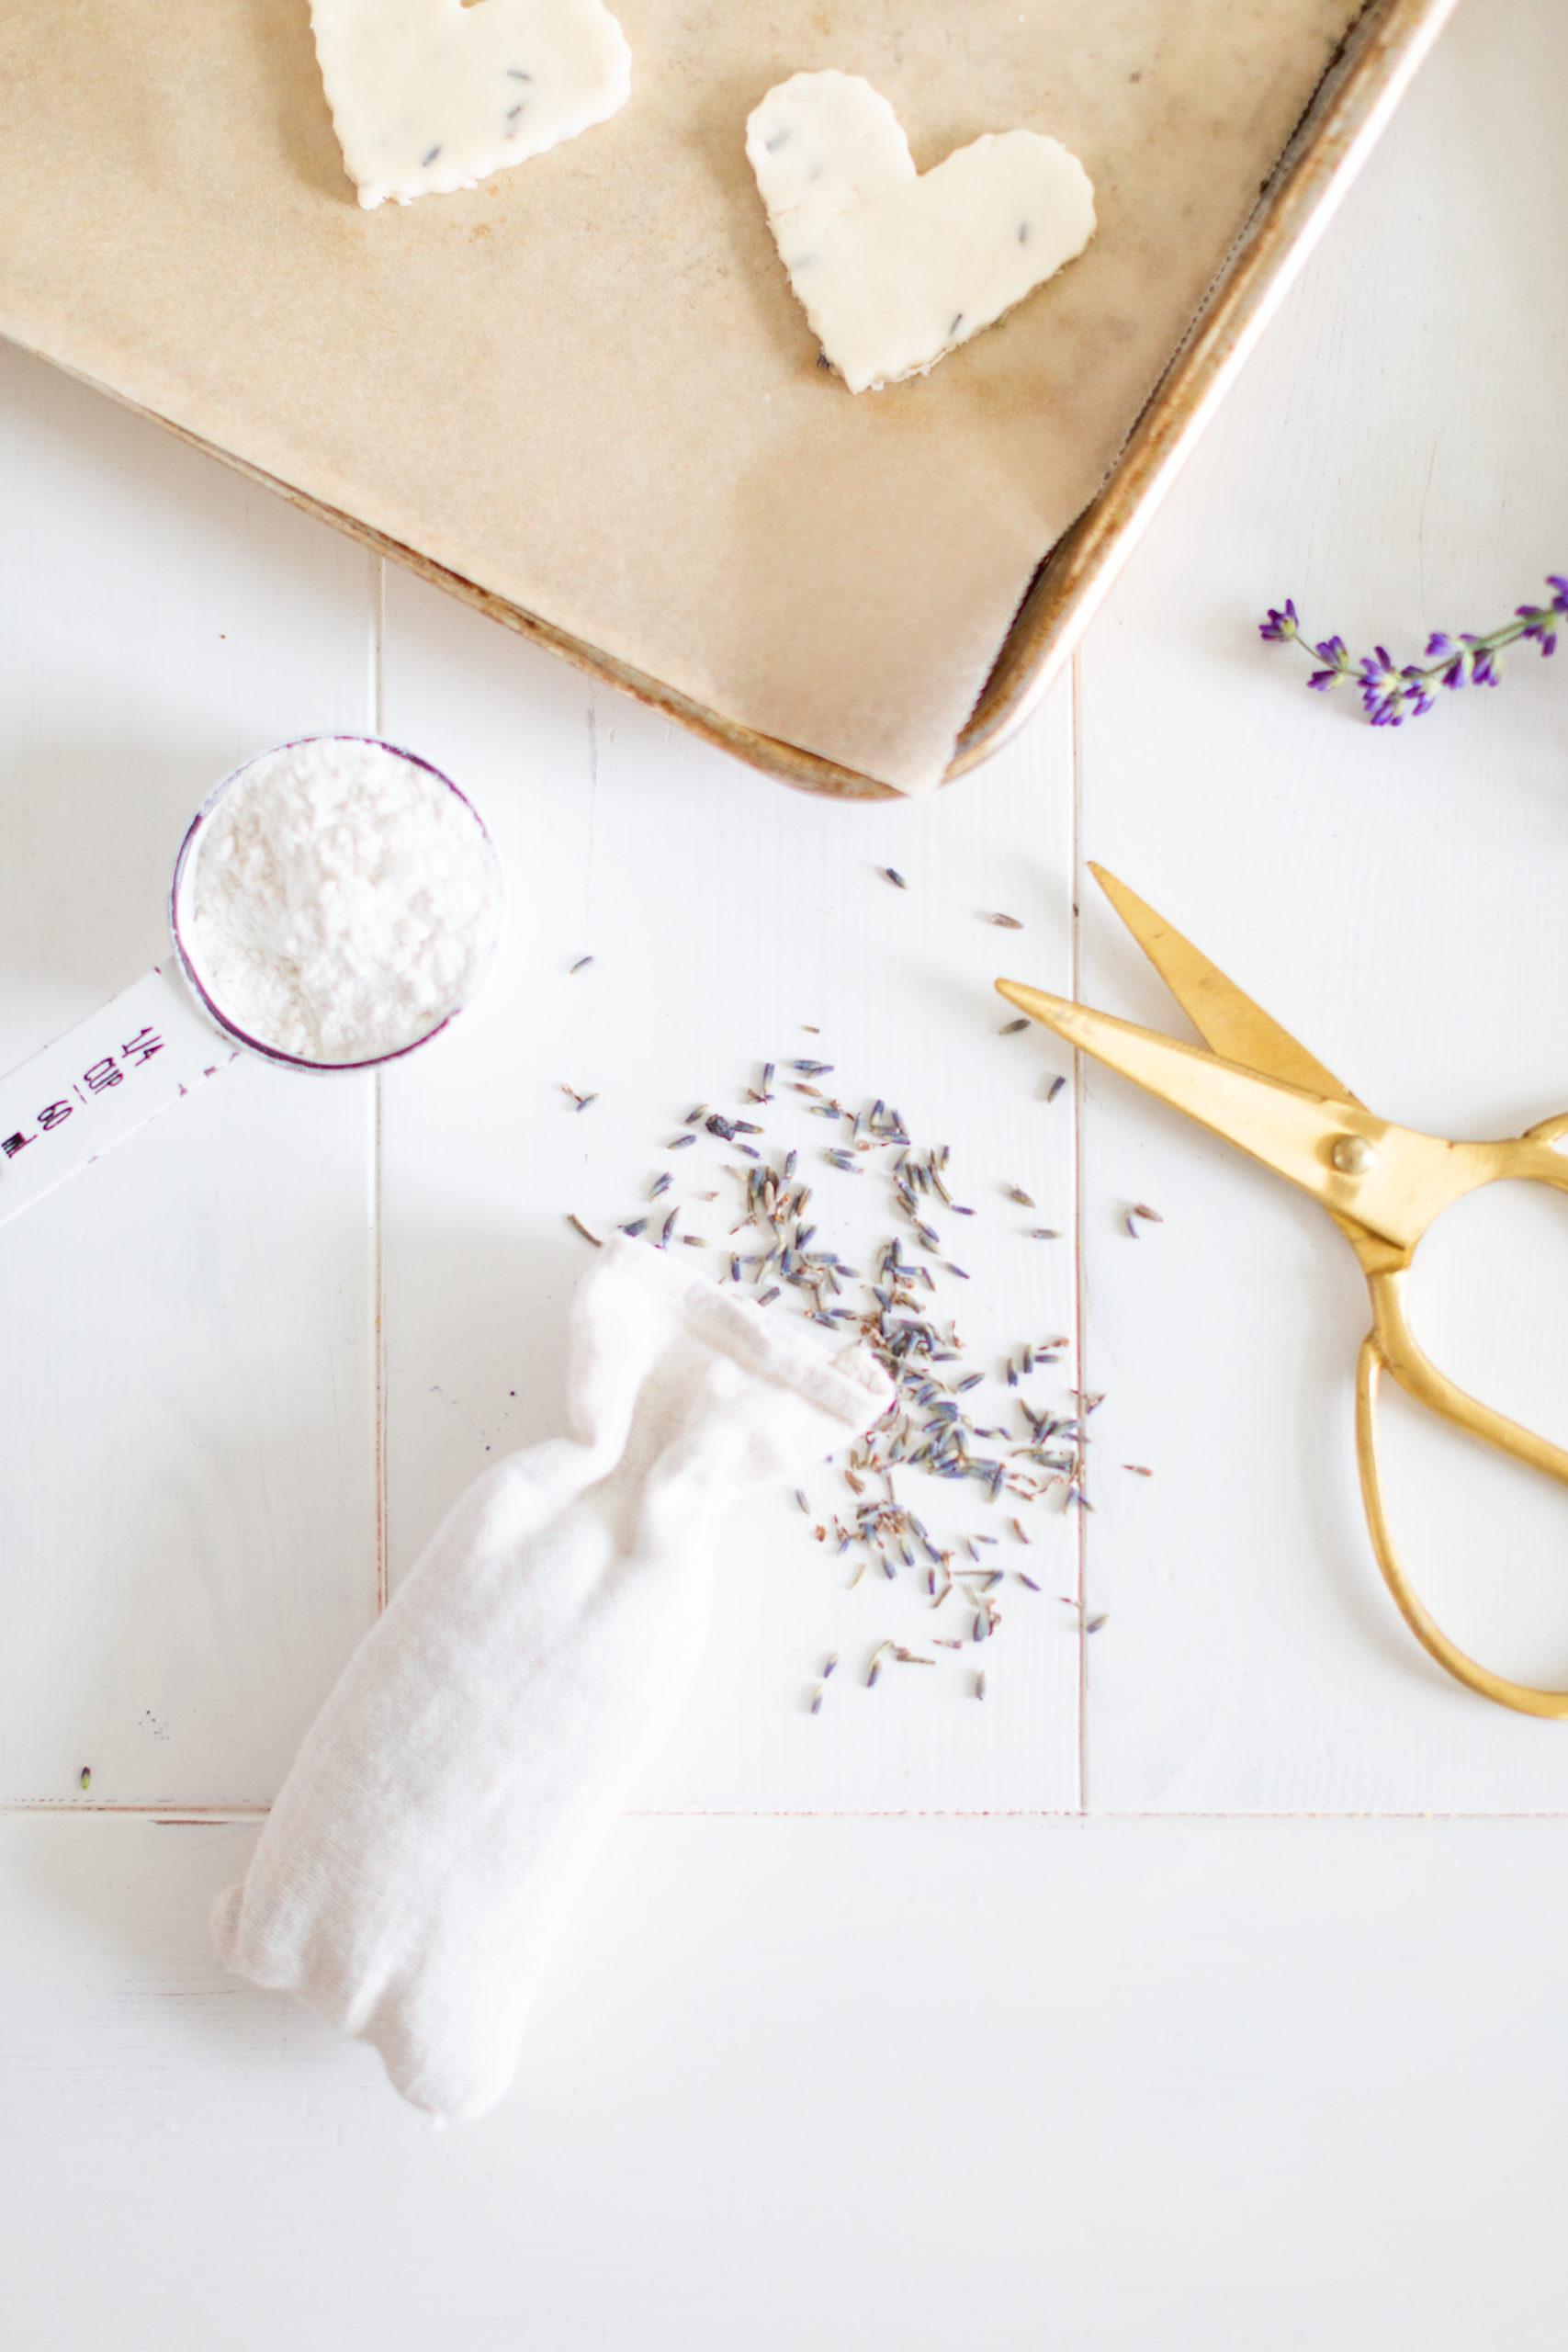 Easy Lavender Shortbread Cookie Recipe